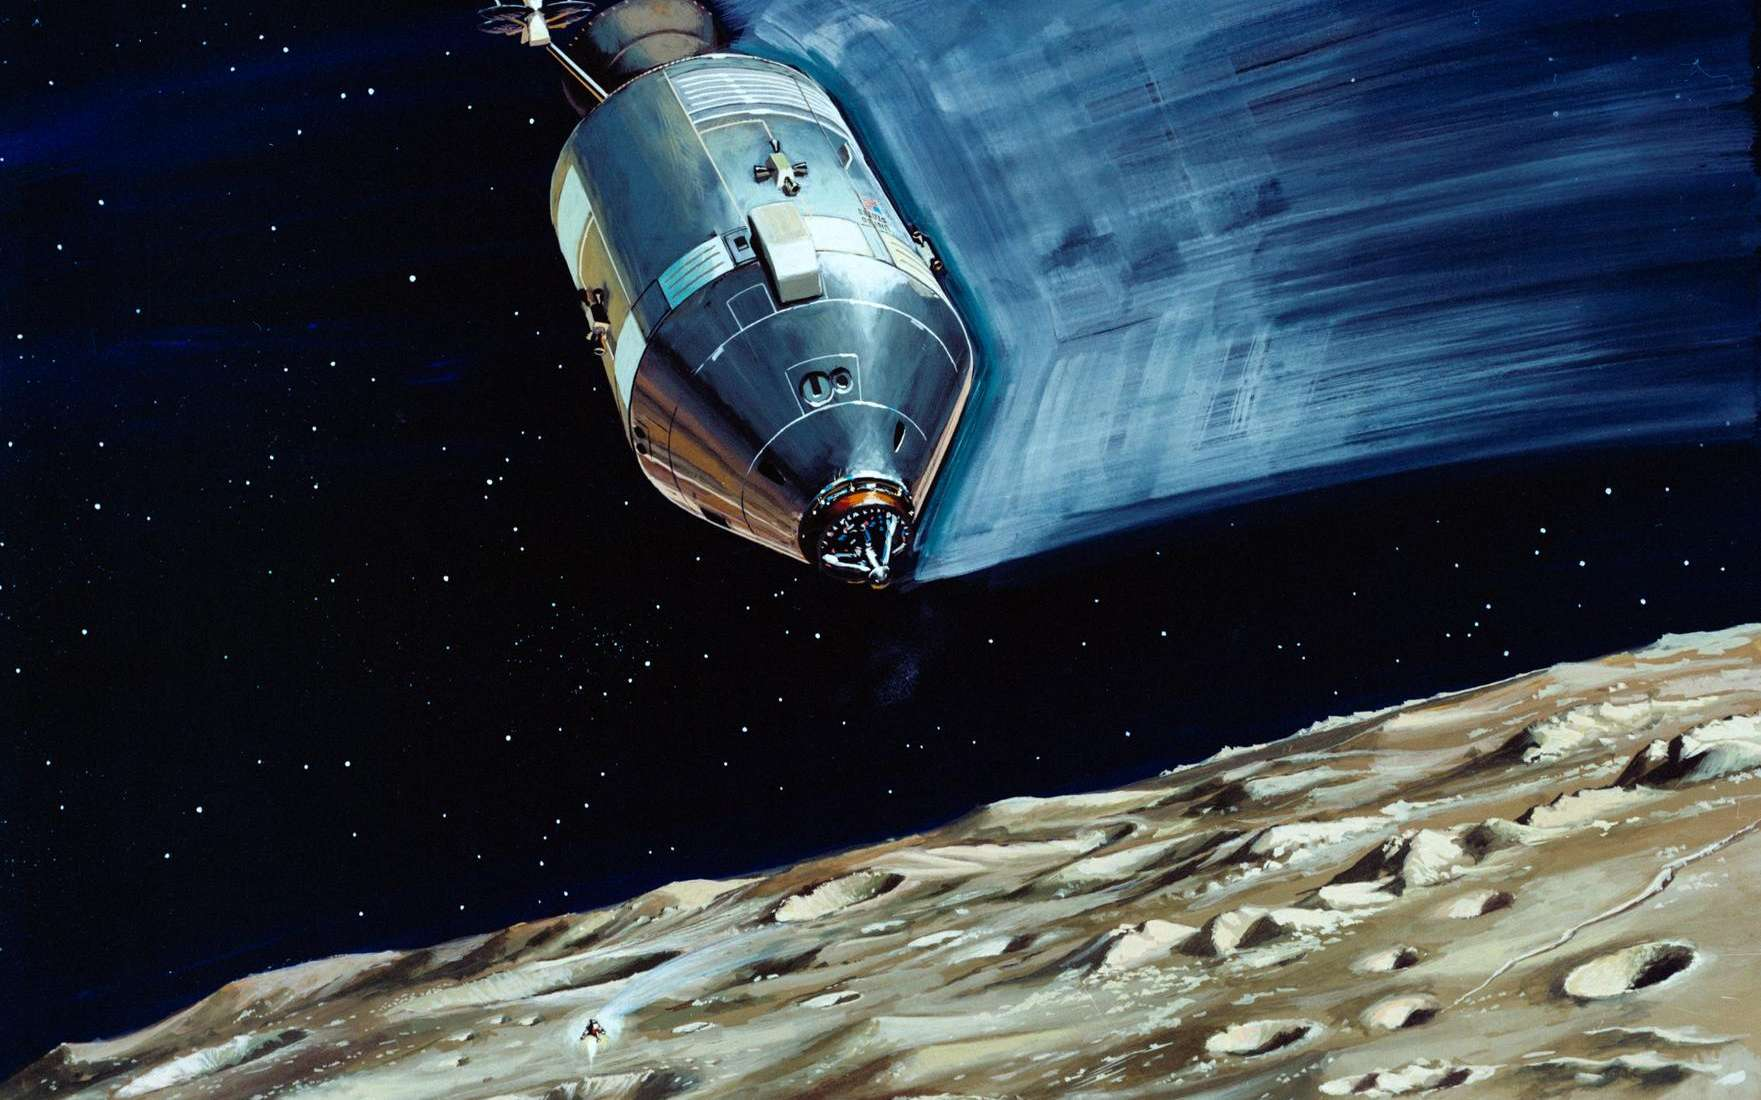 Vue d'artiste du module de commande et de service de la mission Apollo 13 (1970) restant en orbite autour de la Lune tandis que le module lunaire effectue sa descente vers la surface. © Nasa